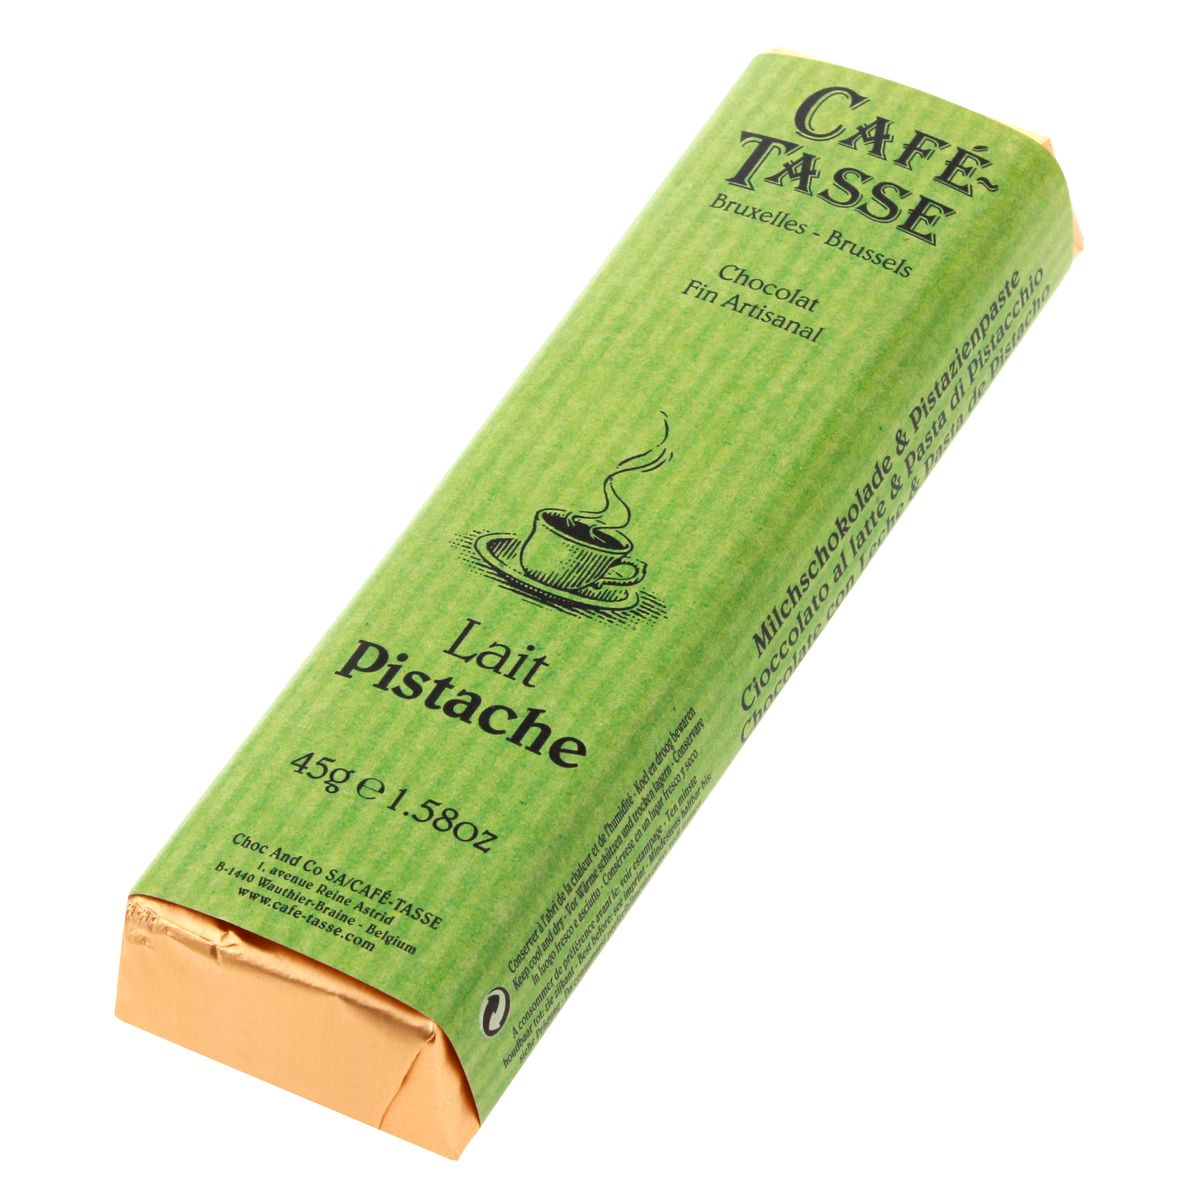 Bâton assorti goût lait pistache 45gr - Cafetasse